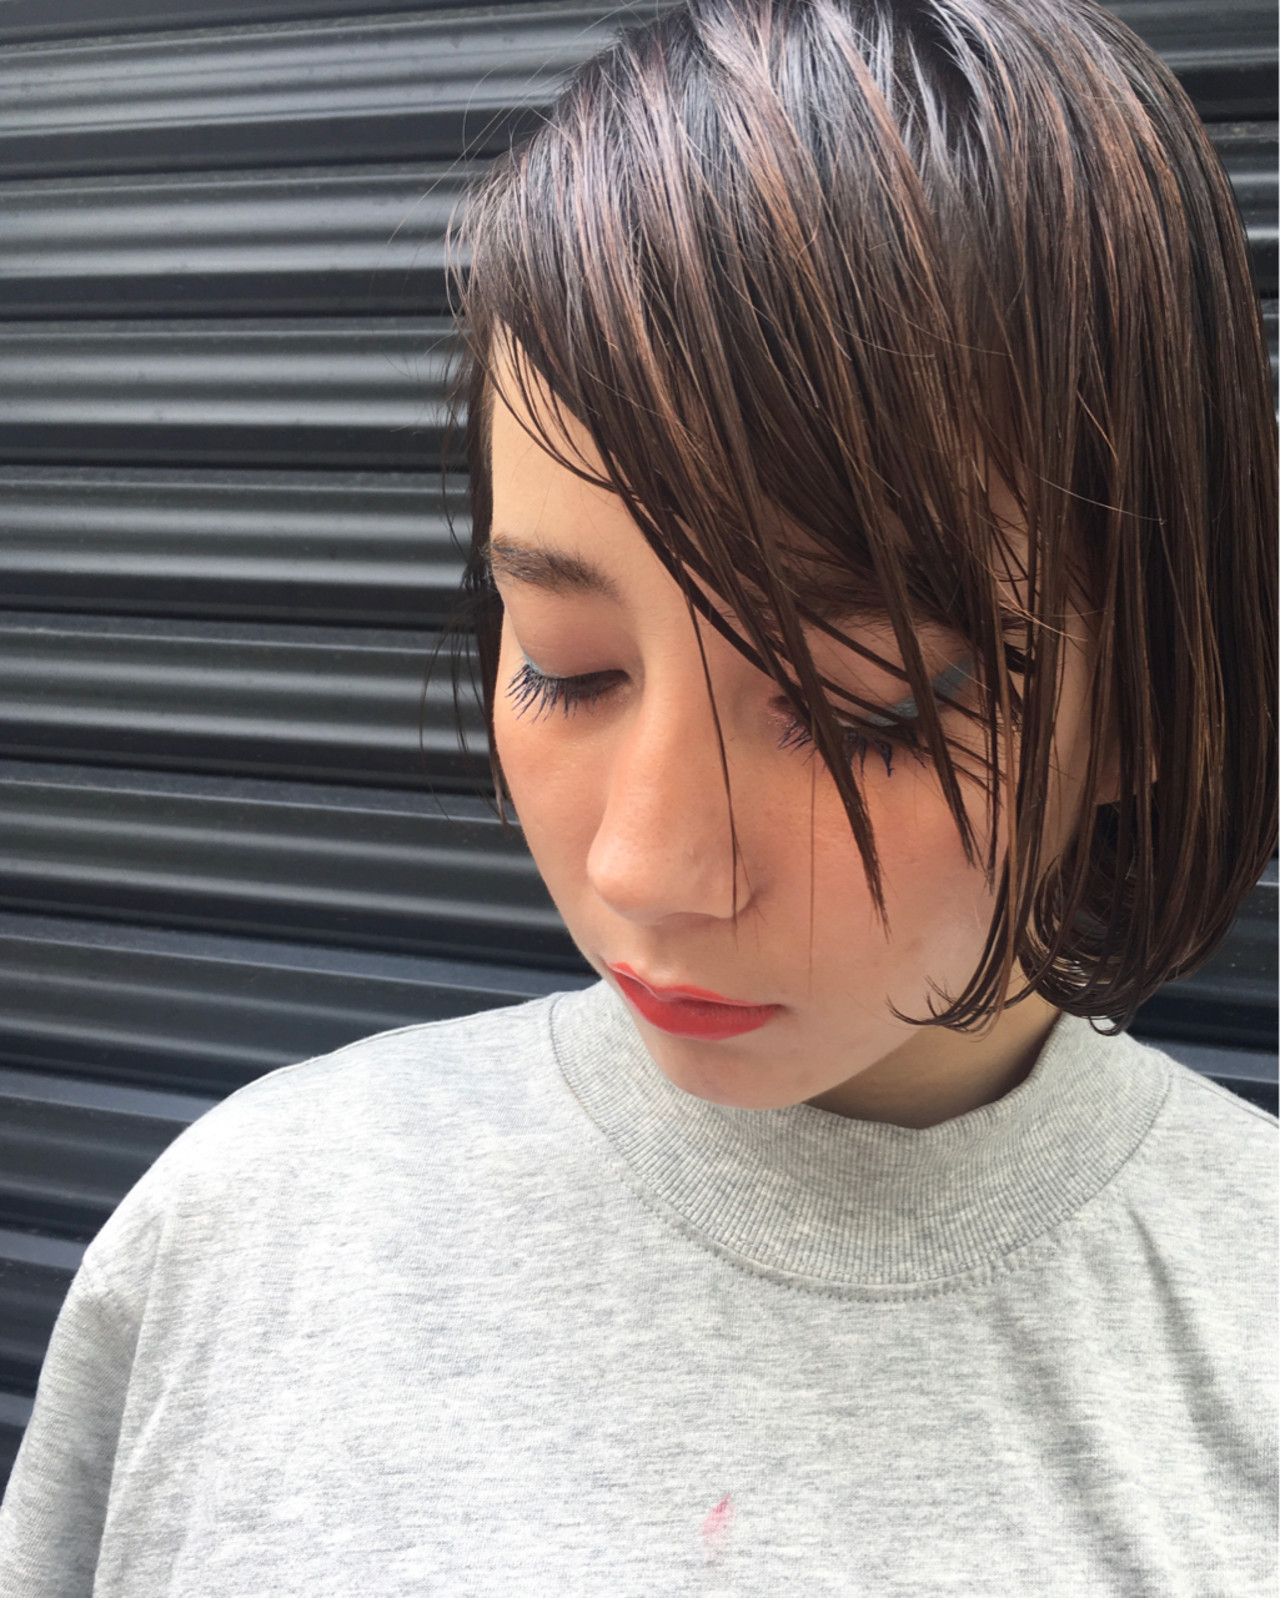 大人女子 ニュアンス 前髪あり 黒髪 ヘアスタイルや髪型の写真・画像 | Sachiko Handa / assort